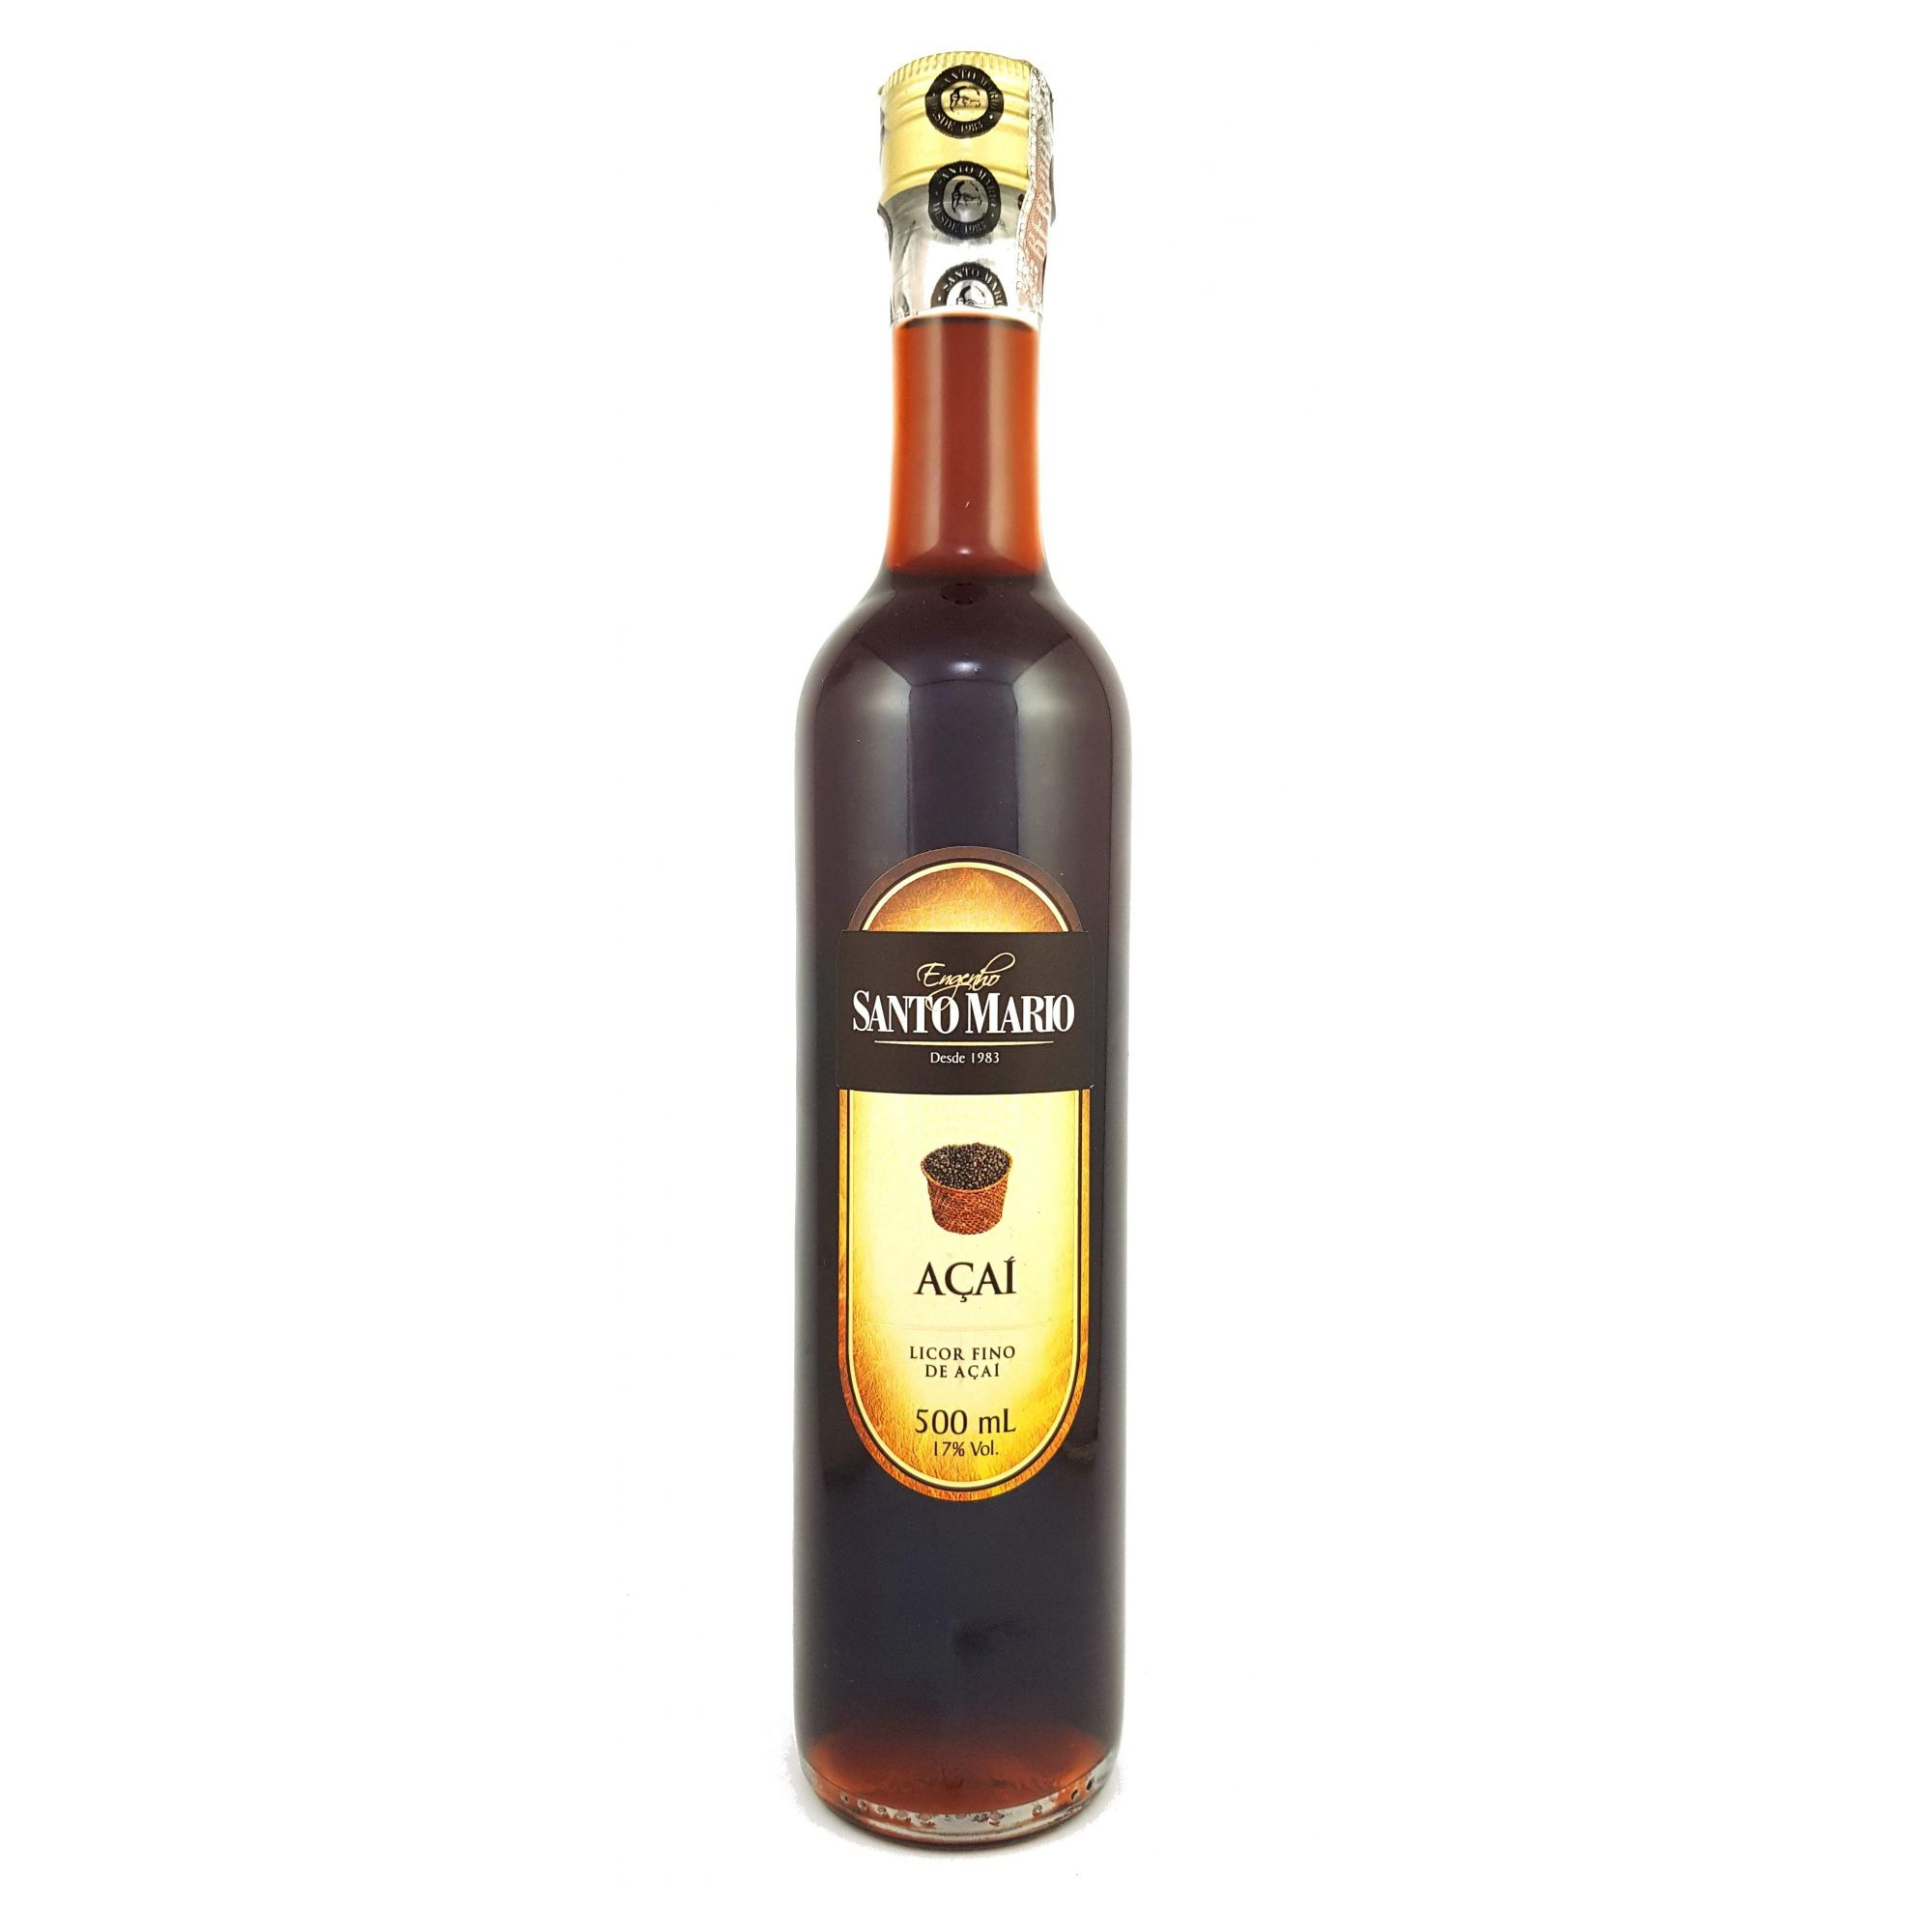 Licor Fino de Açaí Santo Mario 500ml